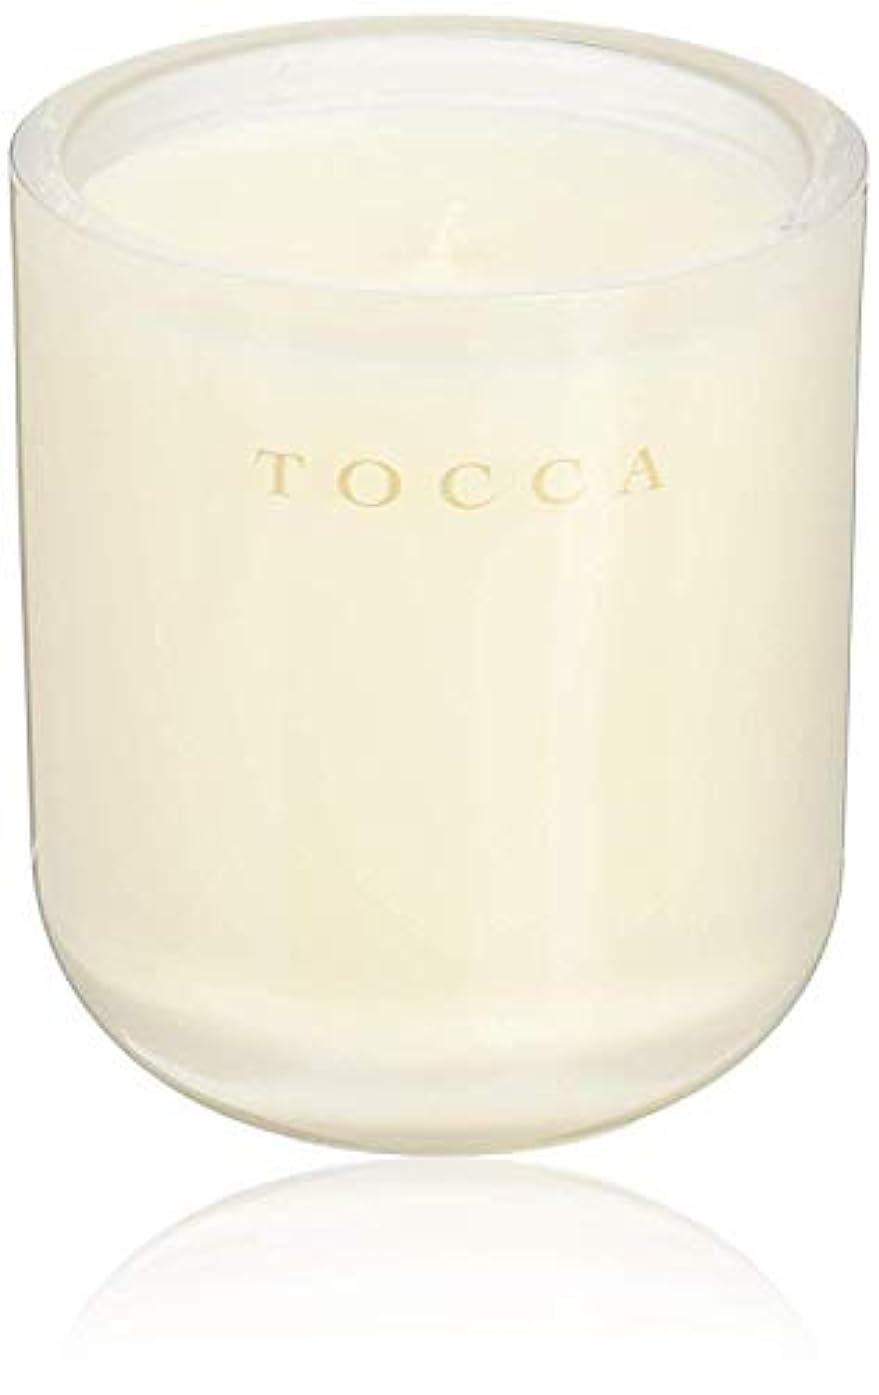 先のことを考える報酬の今TOCCA(トッカ) ボヤージュ キャンドル ボラボラ 287g (ろうそく 芳香 バニラとジャスミンの甘く柔らかな香り)